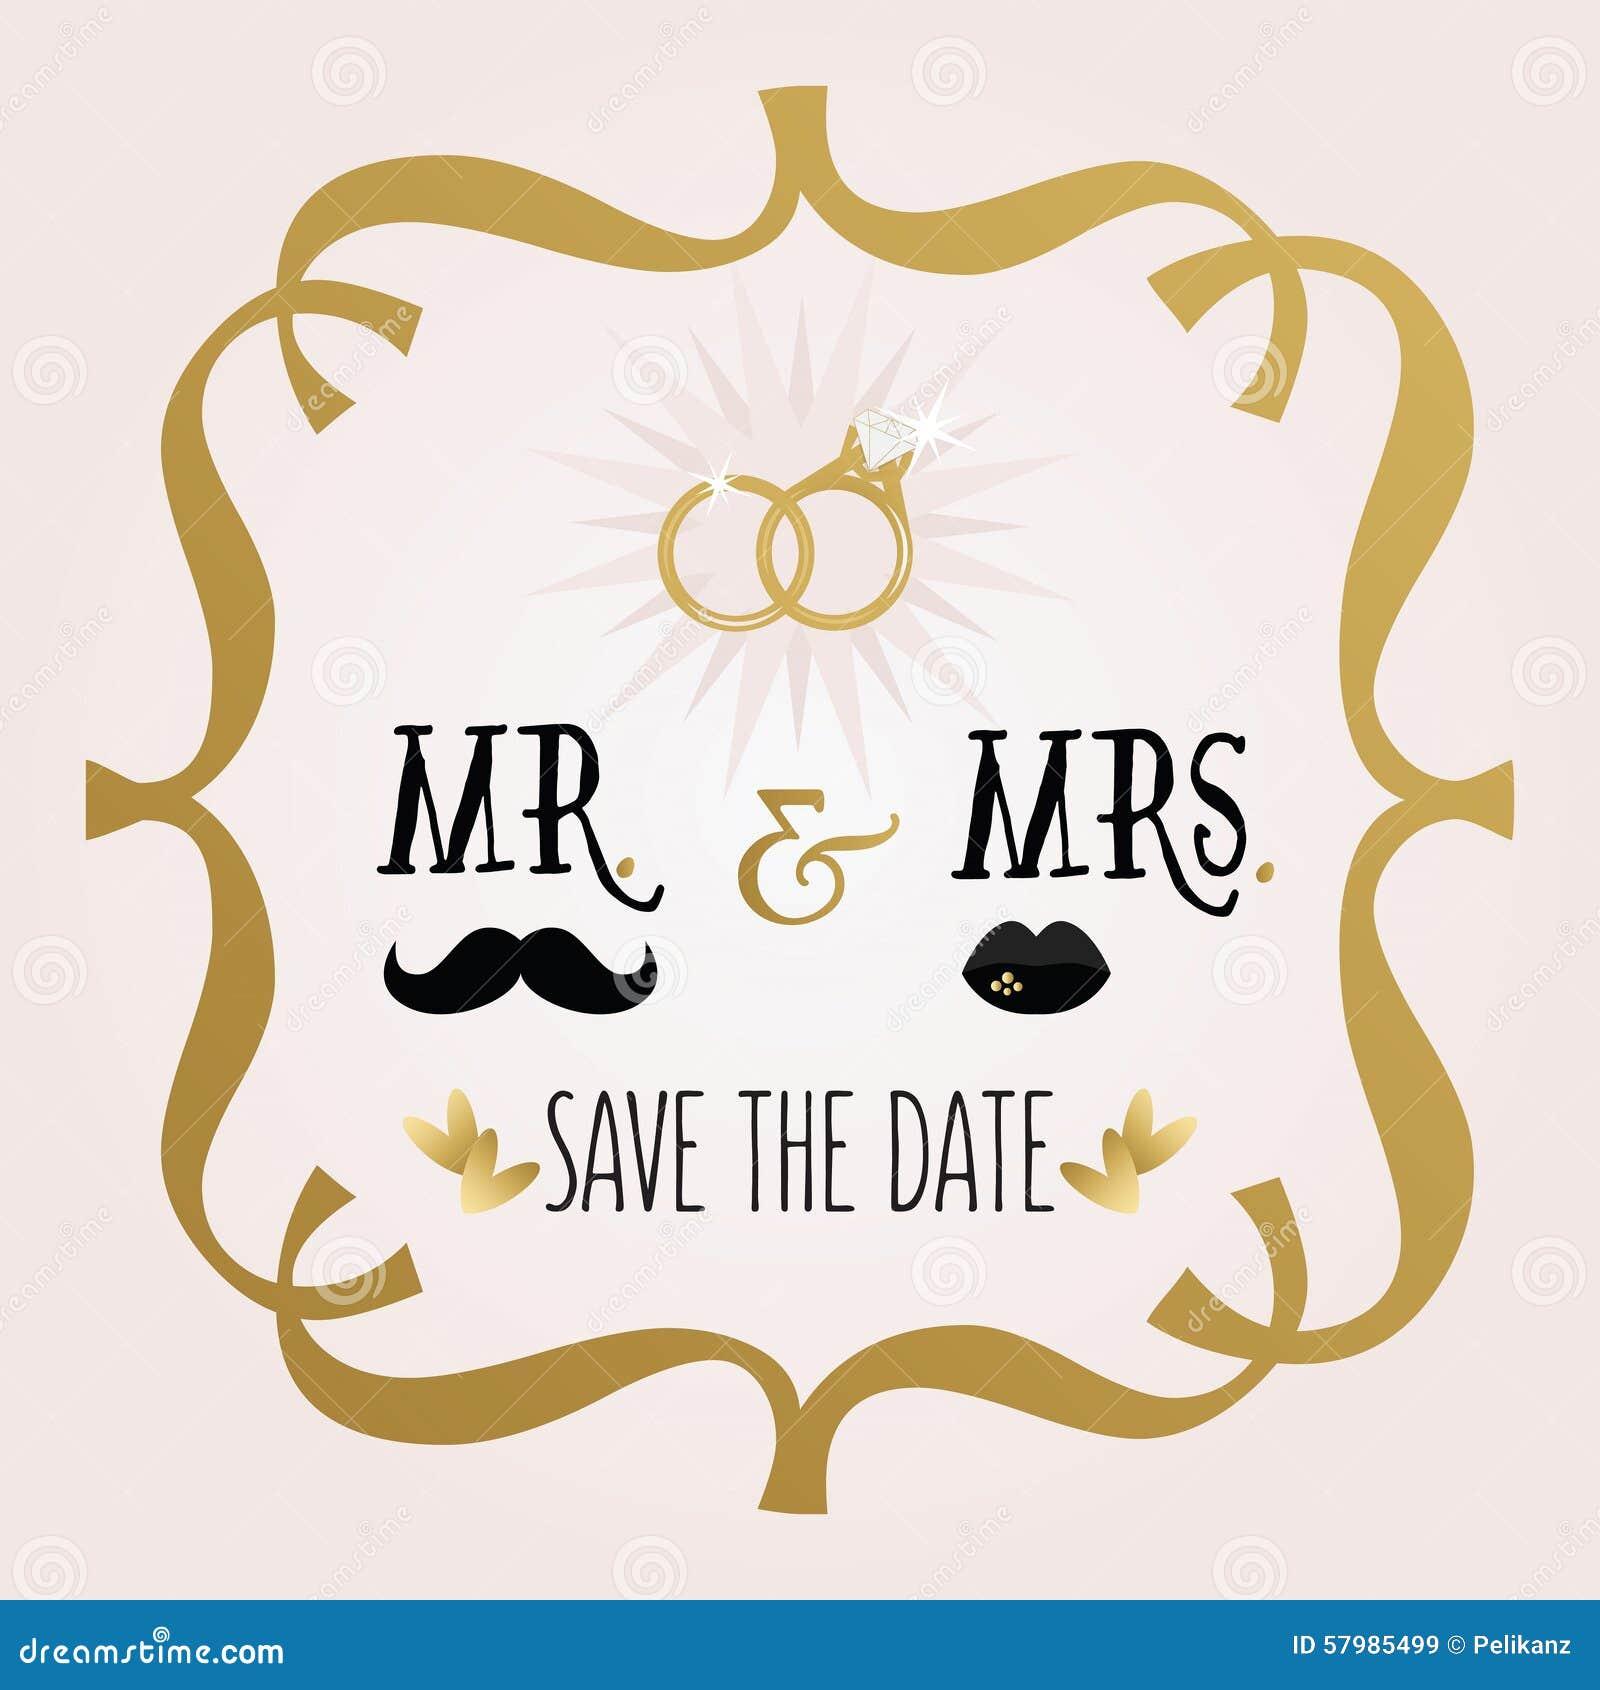 Wedding Date Picture Frame @NP27 – Advancedmassagebysara